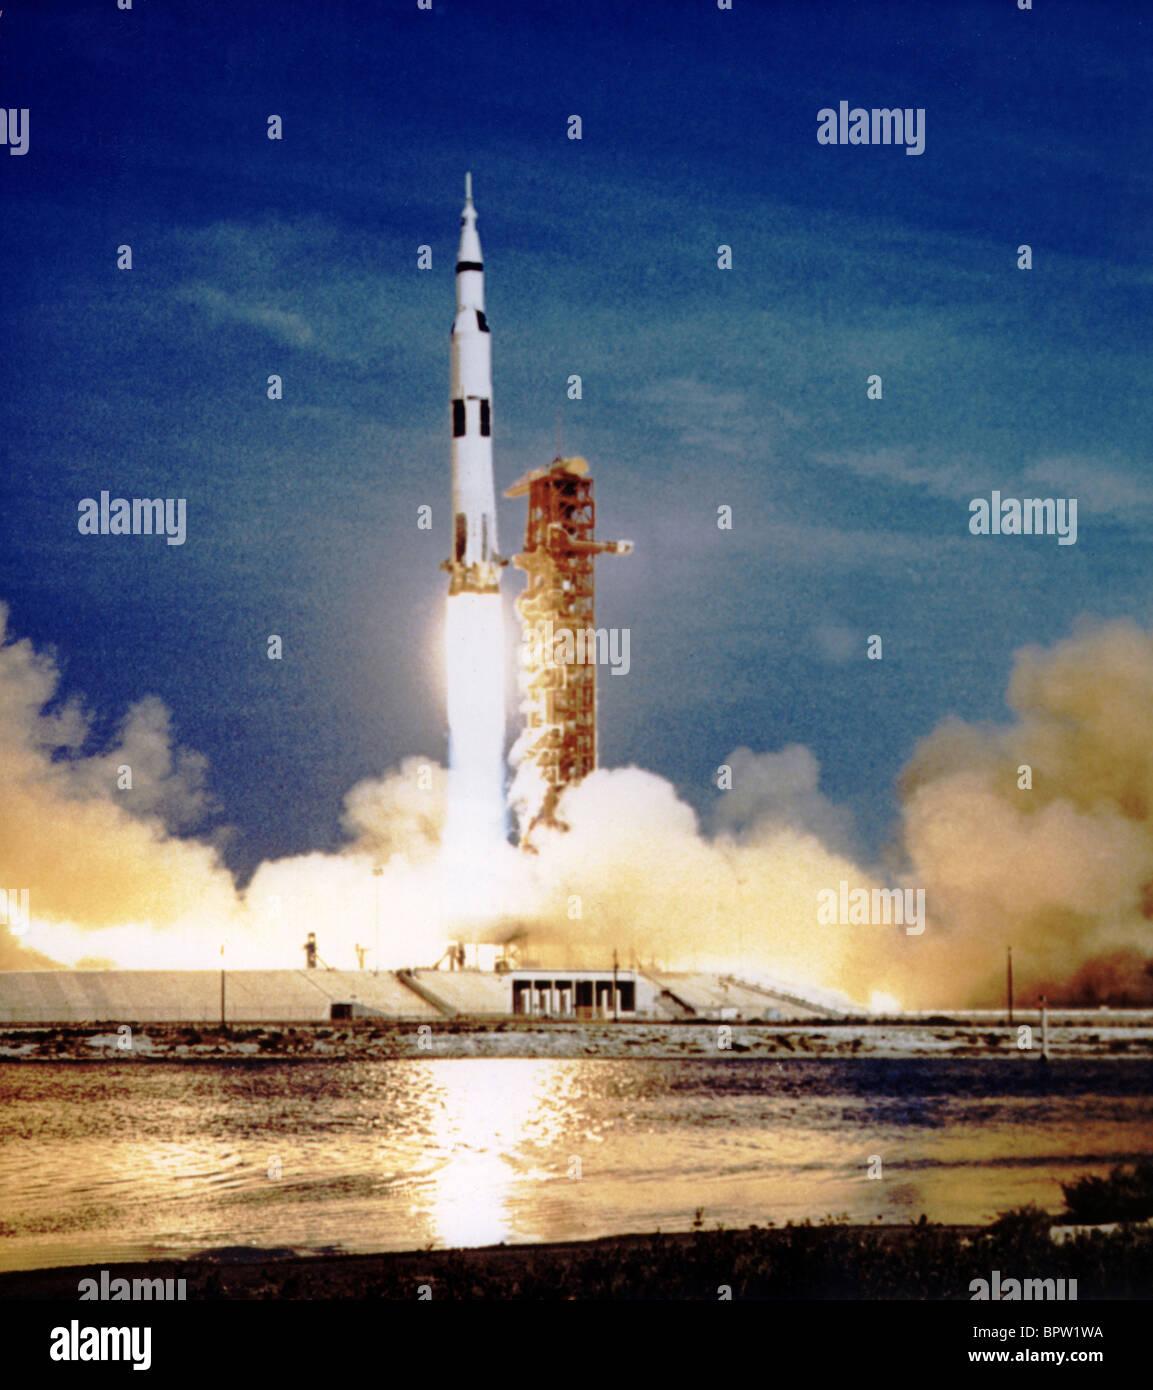 Saturno il lancio del razzo Apollo 11 (1969) Immagini Stock